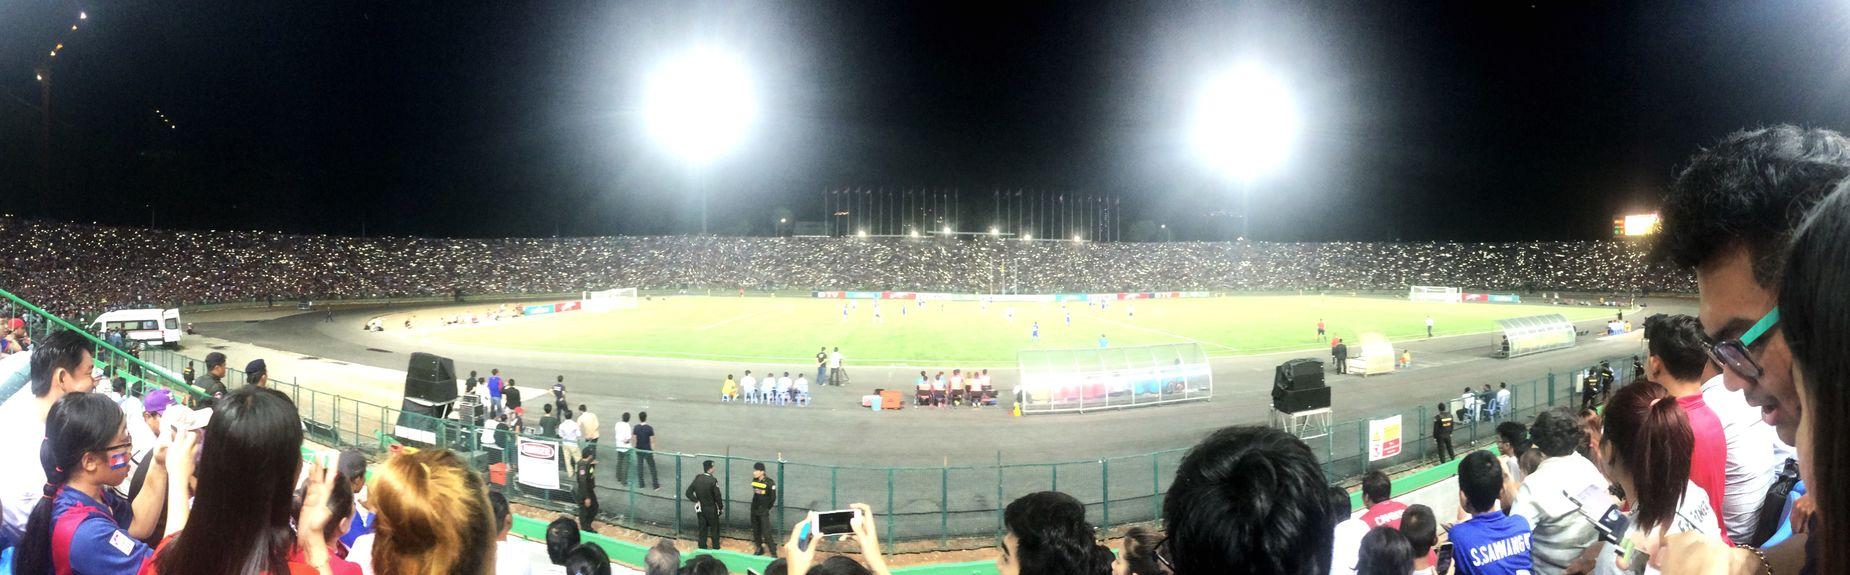 Football Soccer⚽ Cambodia Vs Apt Staduim  Lovekhmer